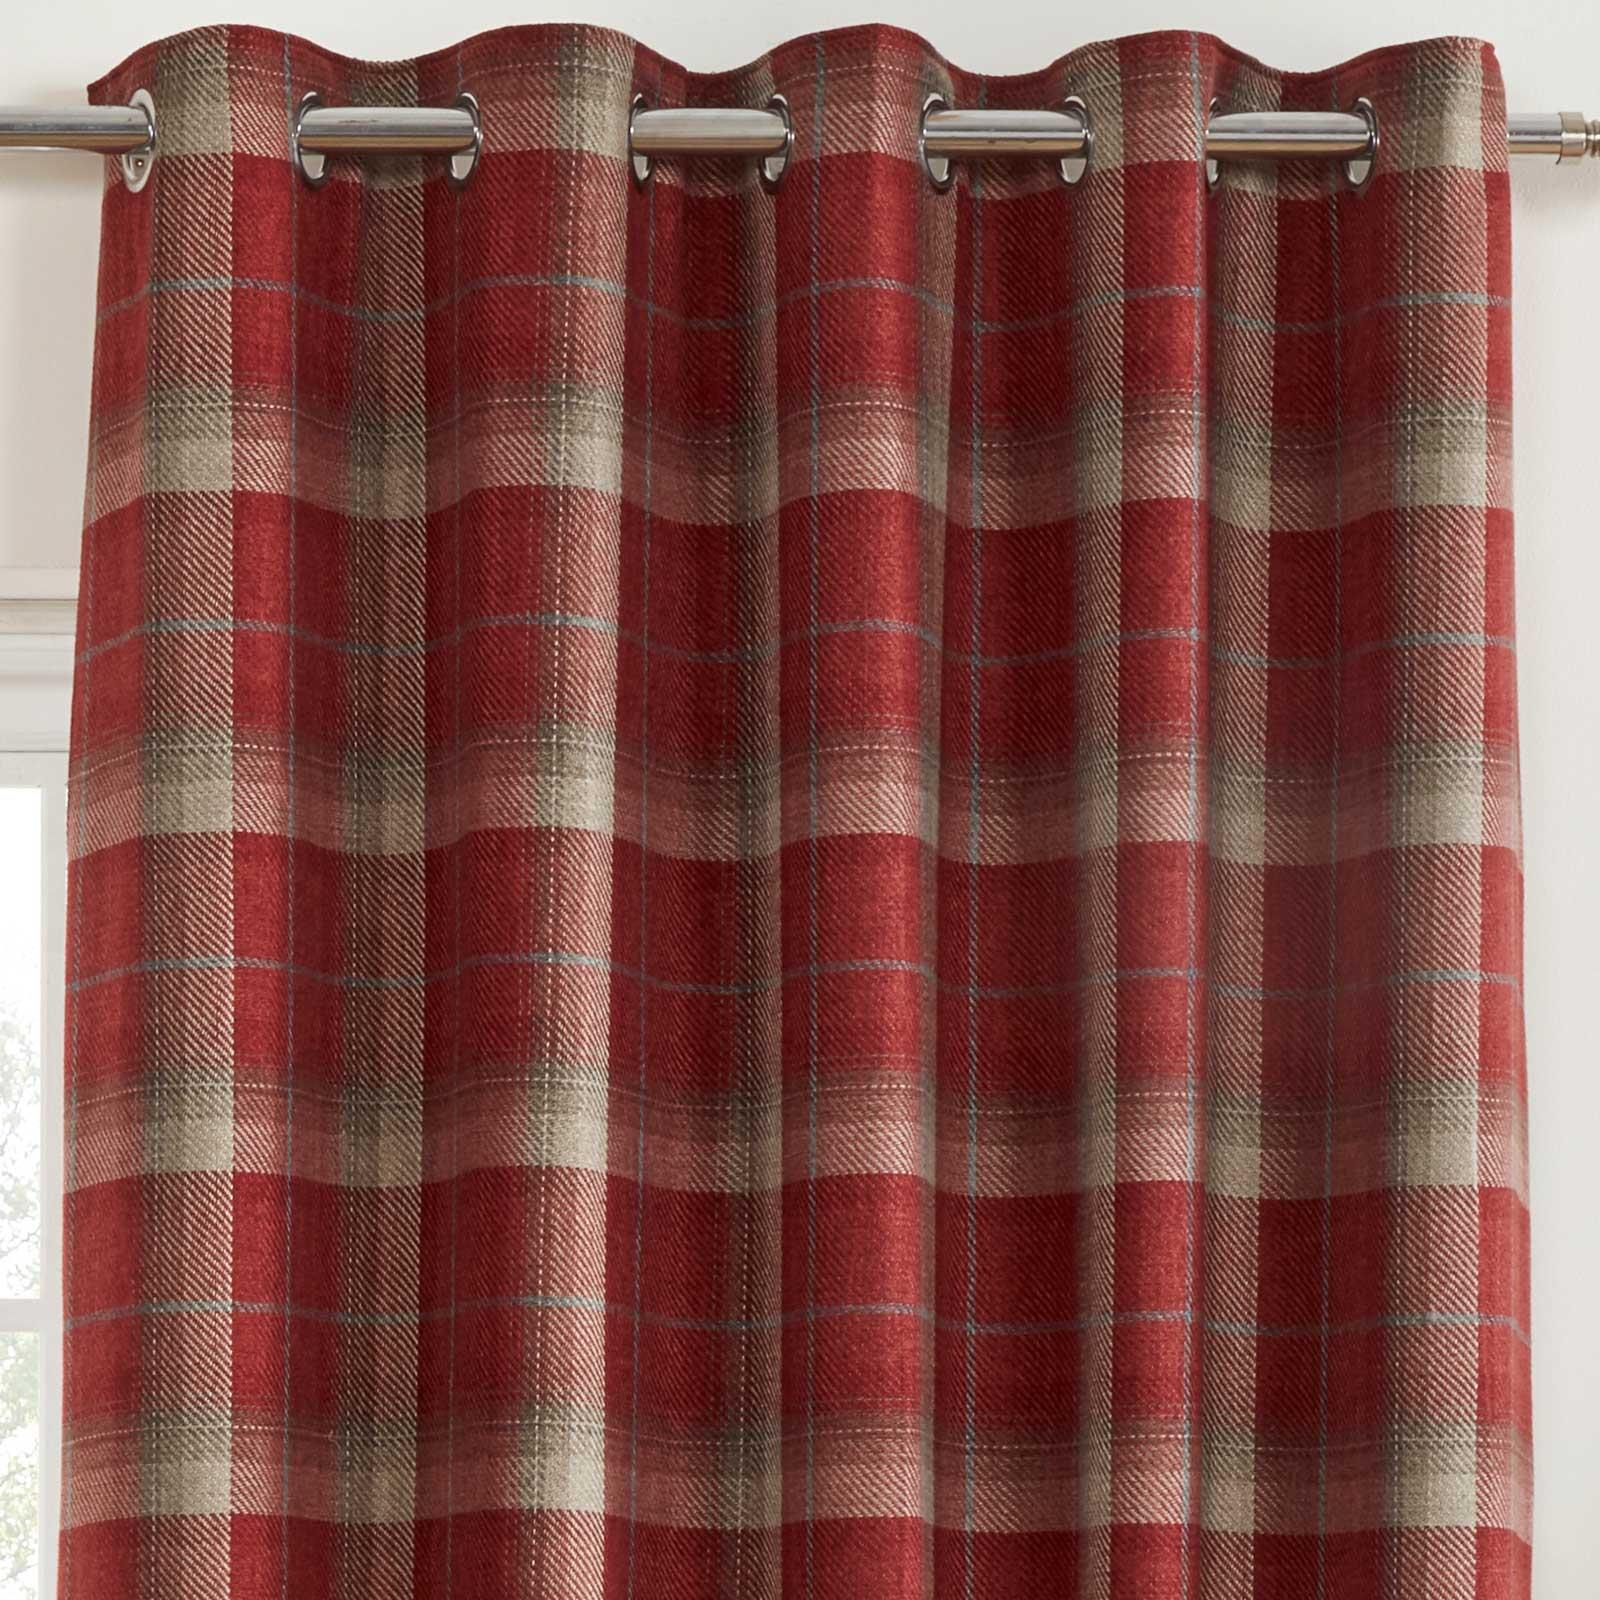 Cortinas-DE-ORIFICIOS-Rojo-Blackout-Tartan-Check-Ready-Made-acogedor-Anillo-Superior-Cortina-Pares miniatura 7